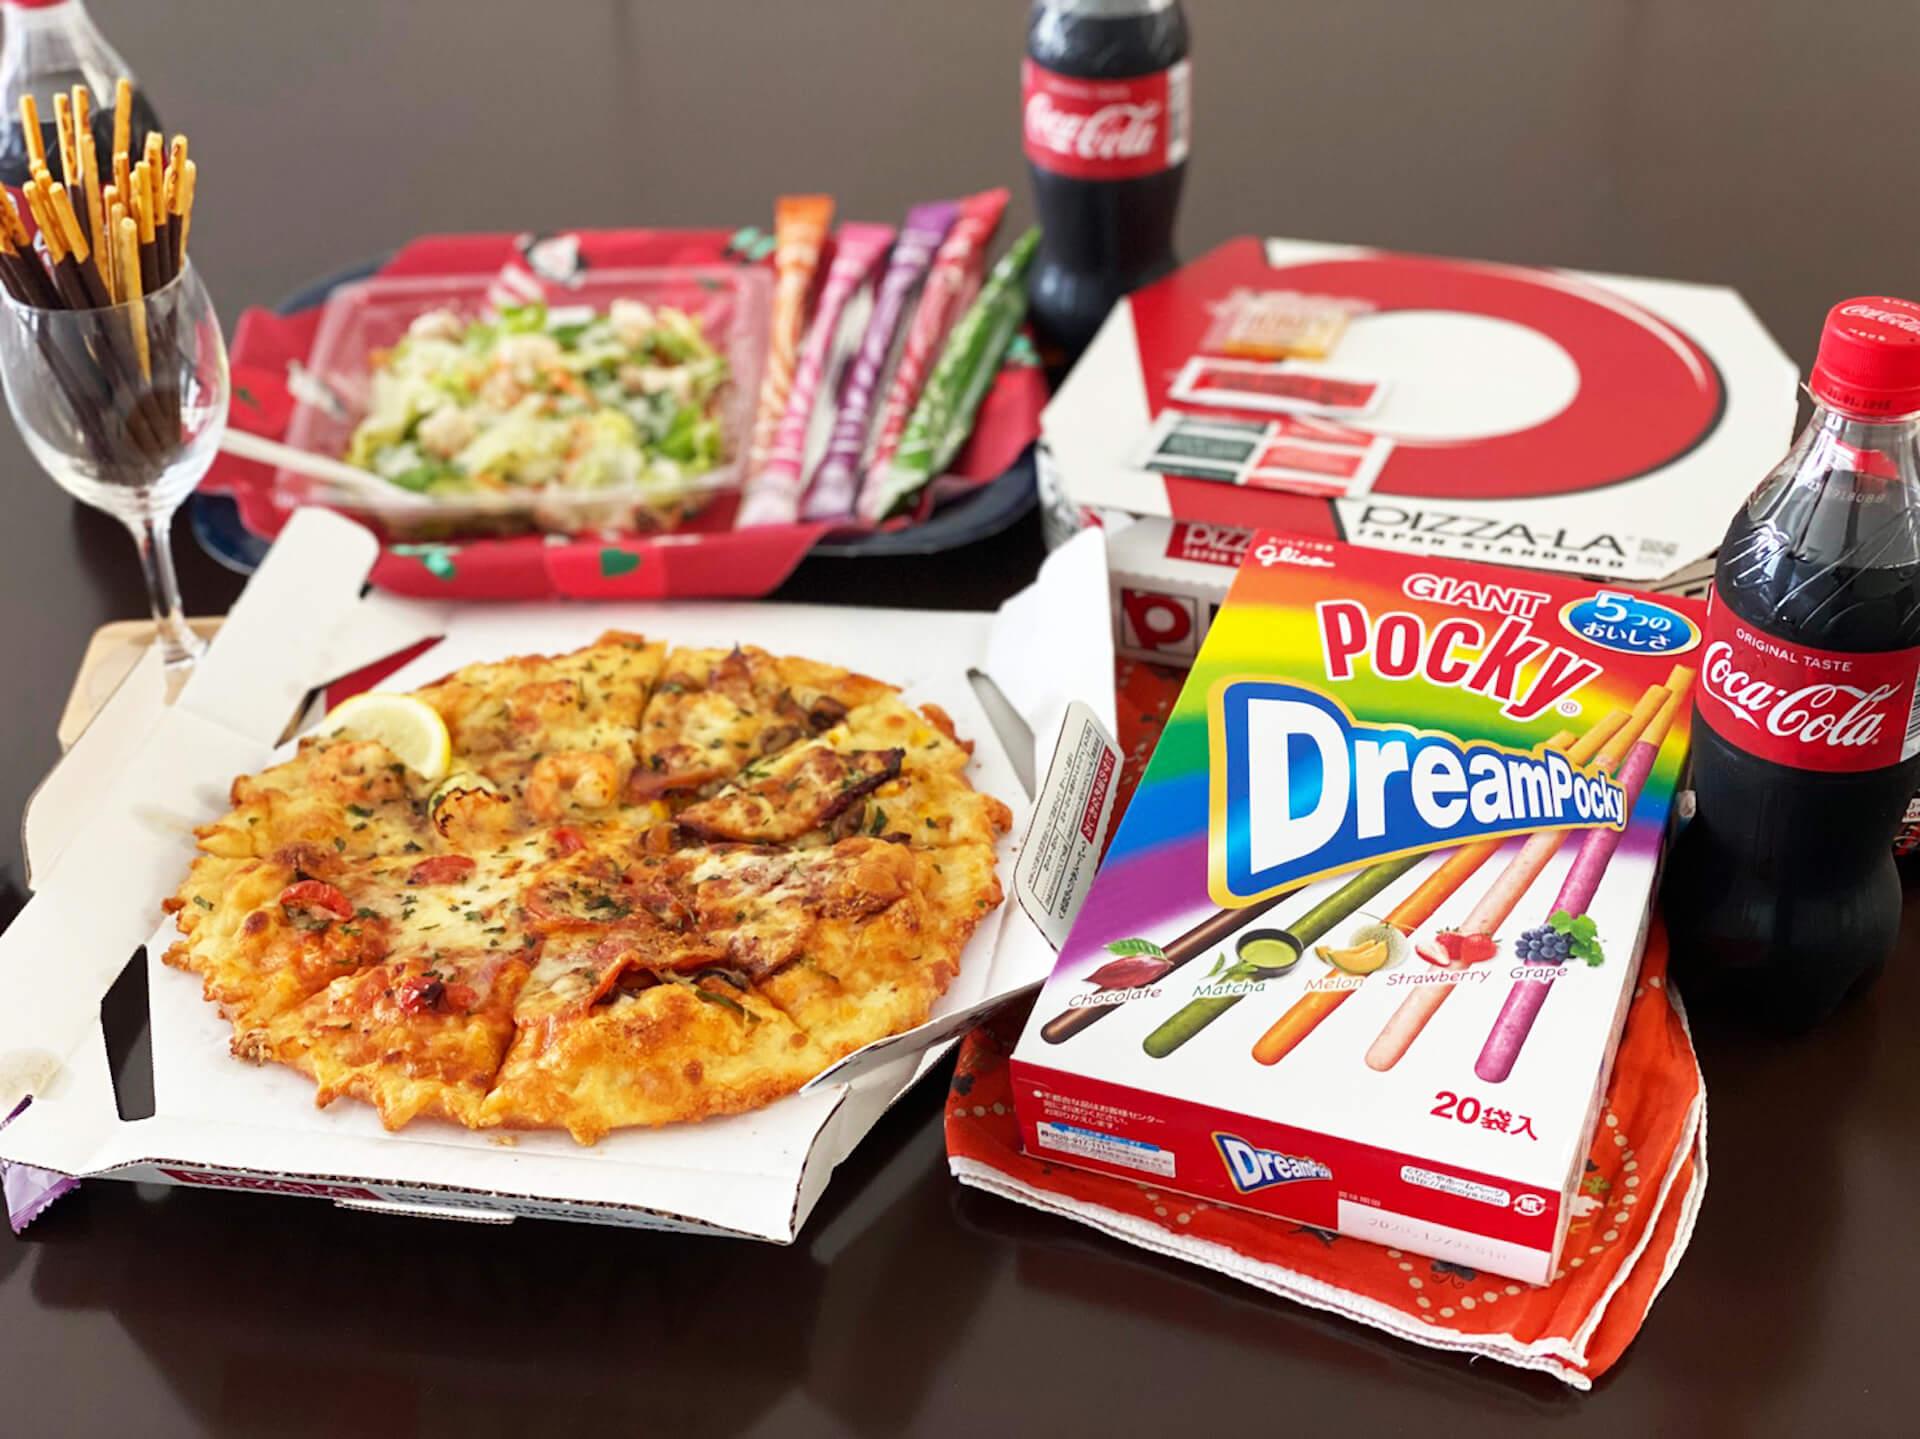 ピザチケットなどがつまった「ハロウィンパーティーセット」が当たる!<ピザーラ×コカ・コーラ×江崎グリコ コラボキャンペーン>がスタート gourmet2020108_pizza-la_11